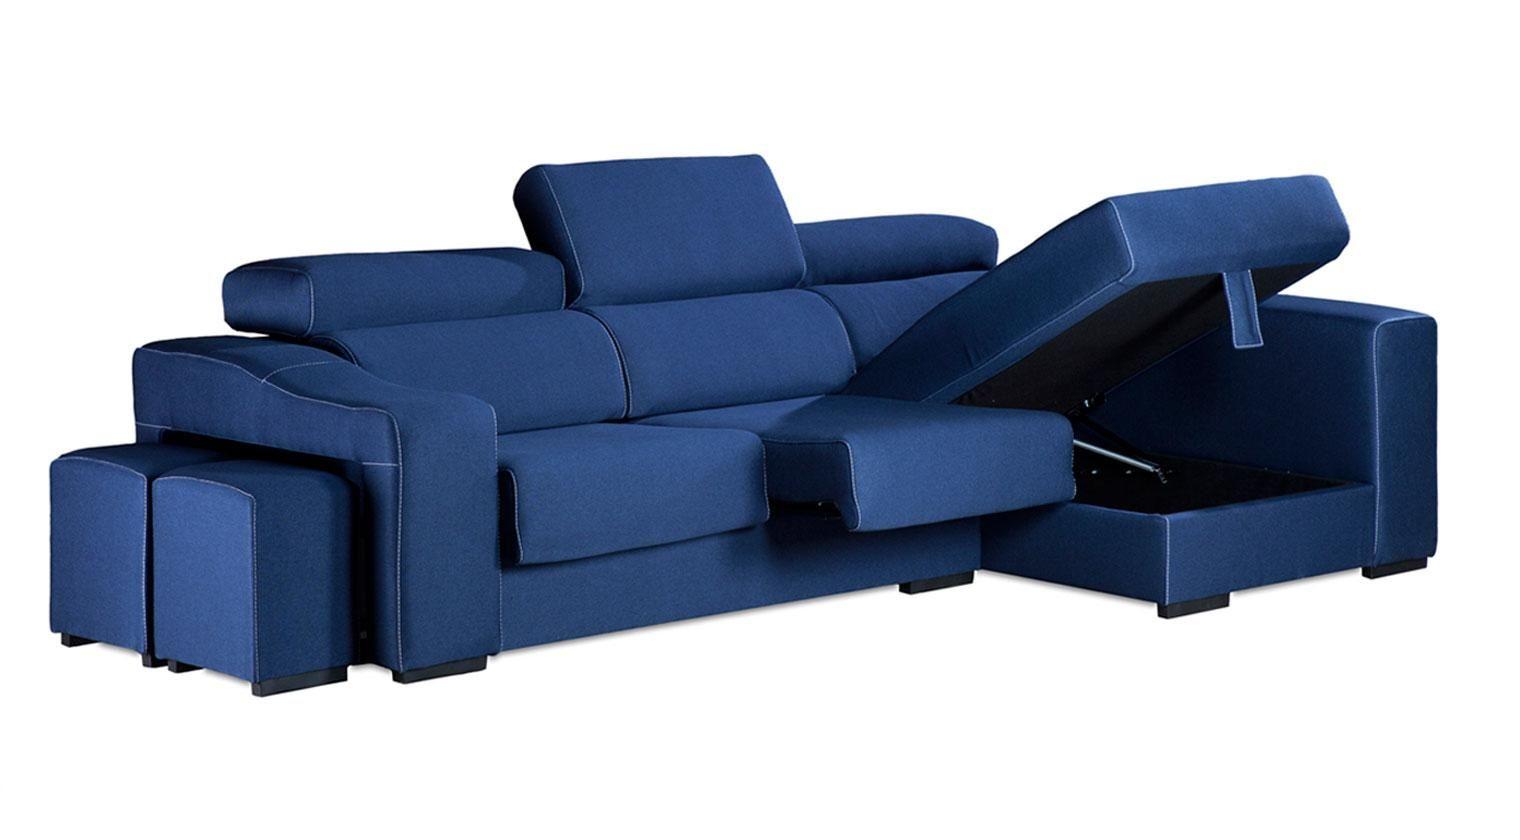 Comprar chaise longue bilbo sofa 4 plazas tela kapadokia for Sofas baratos asturias